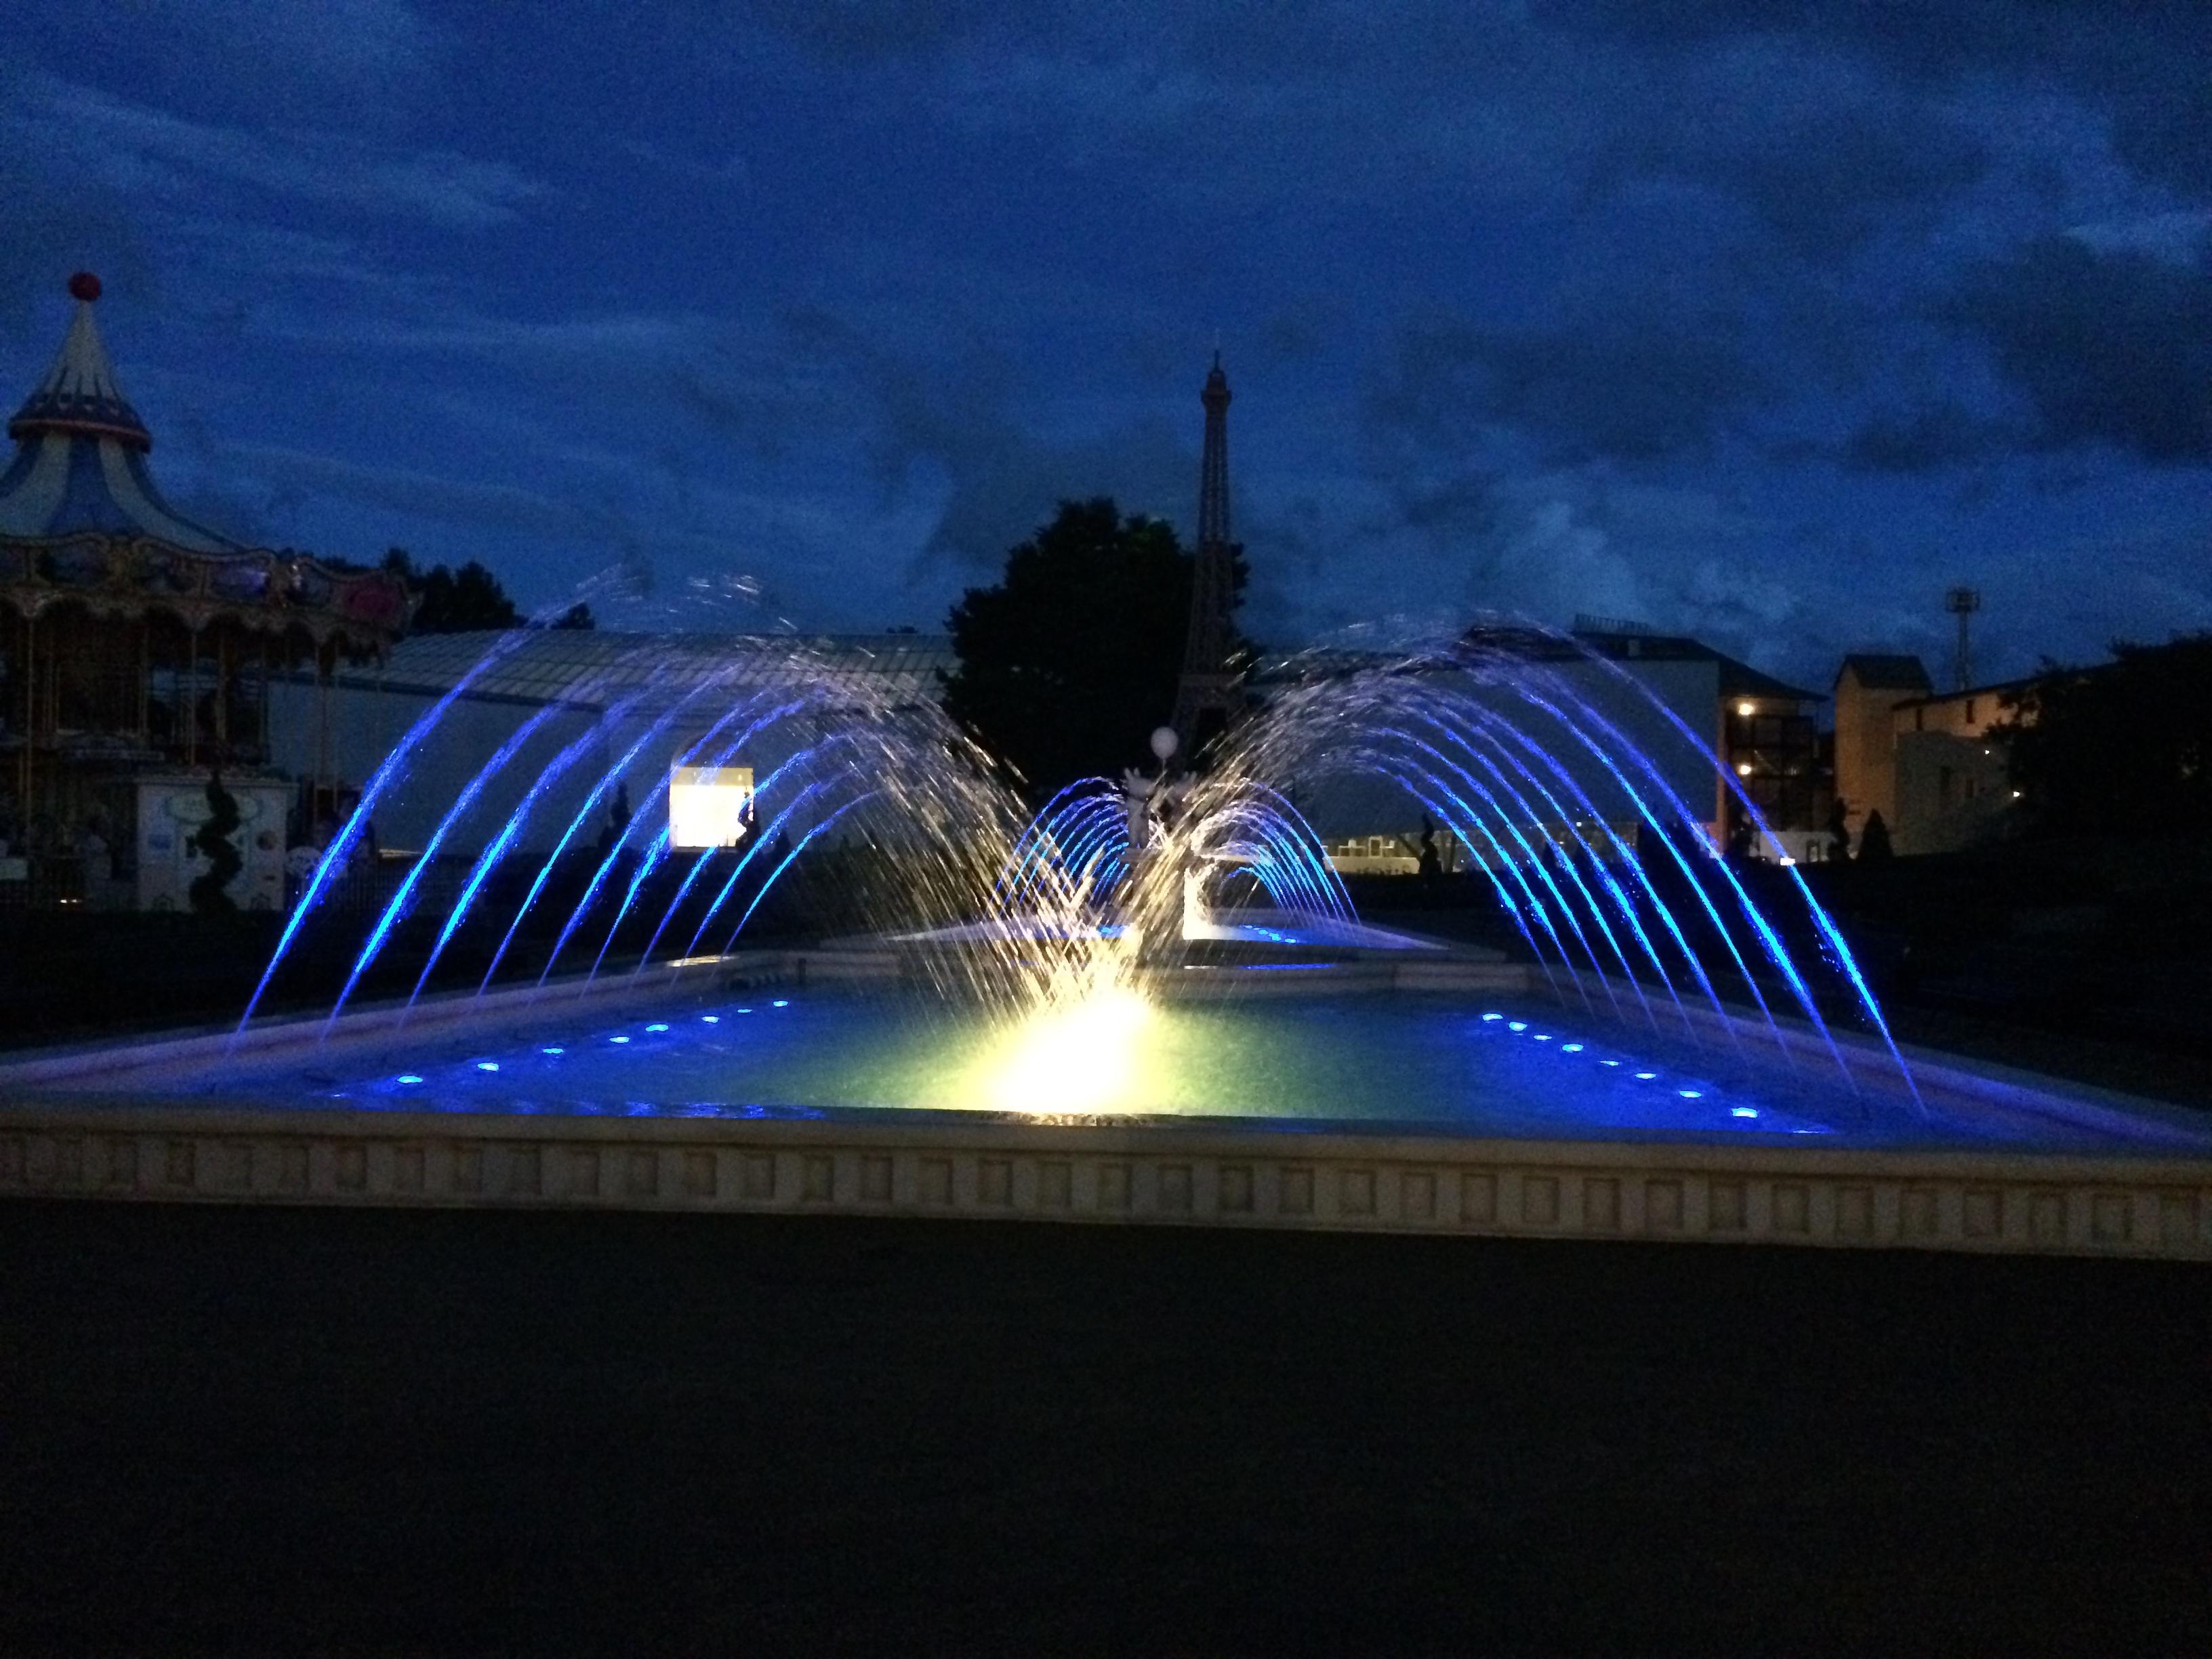 富士急ハイランド リサとガスパールタウン エッフェル塔広場噴水(山梨県)